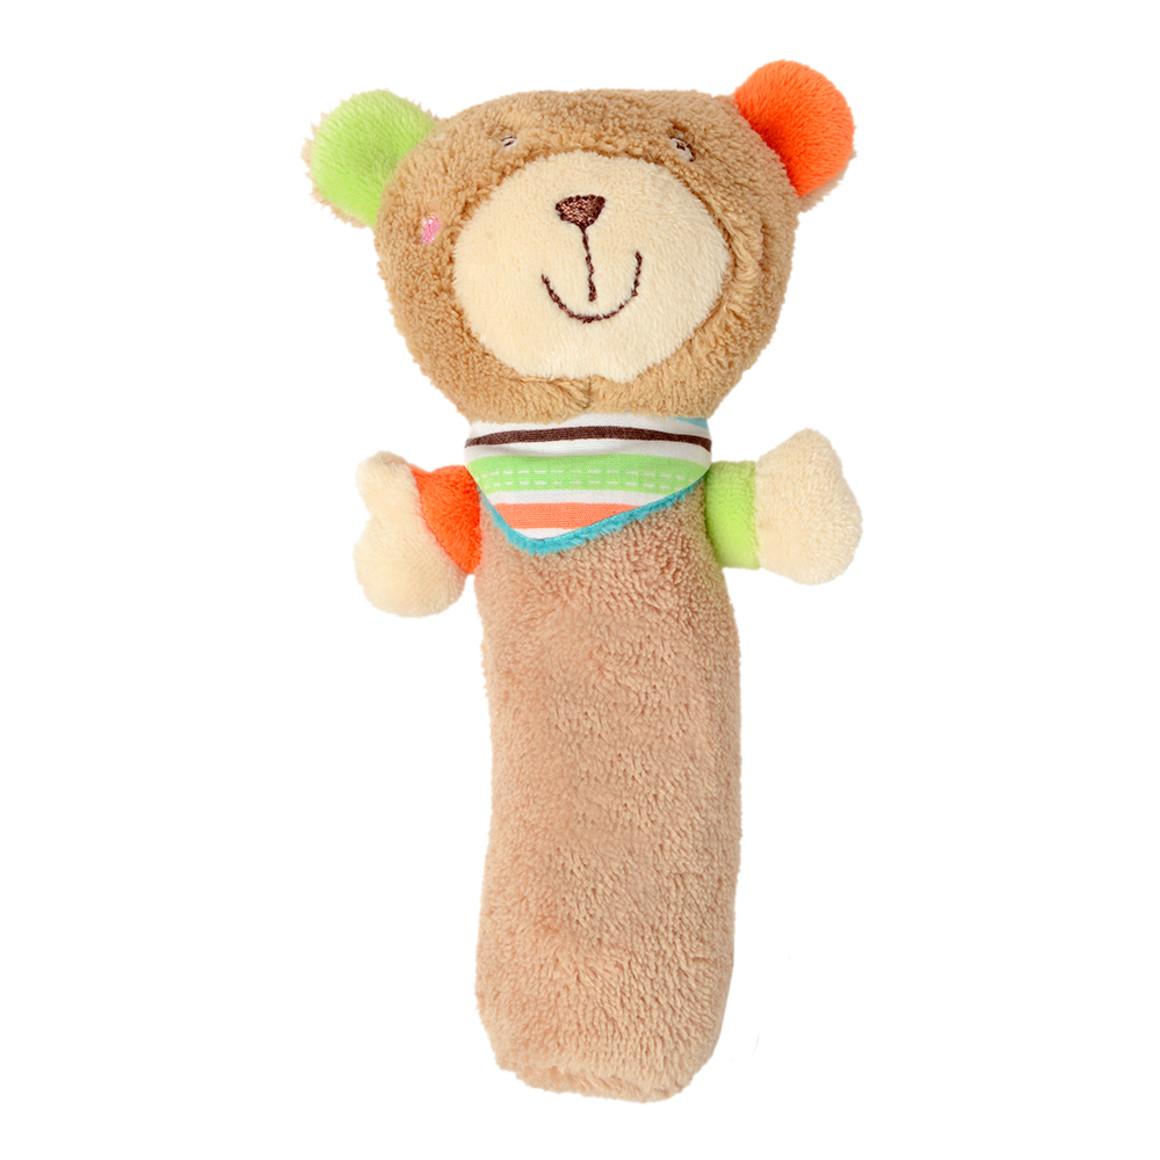 Teddybär Mit Namen & Datum Teddy Bär 45 Cm Geschenk Geburt Taufe Geburtstag Plüschtiere & -figuren Baby